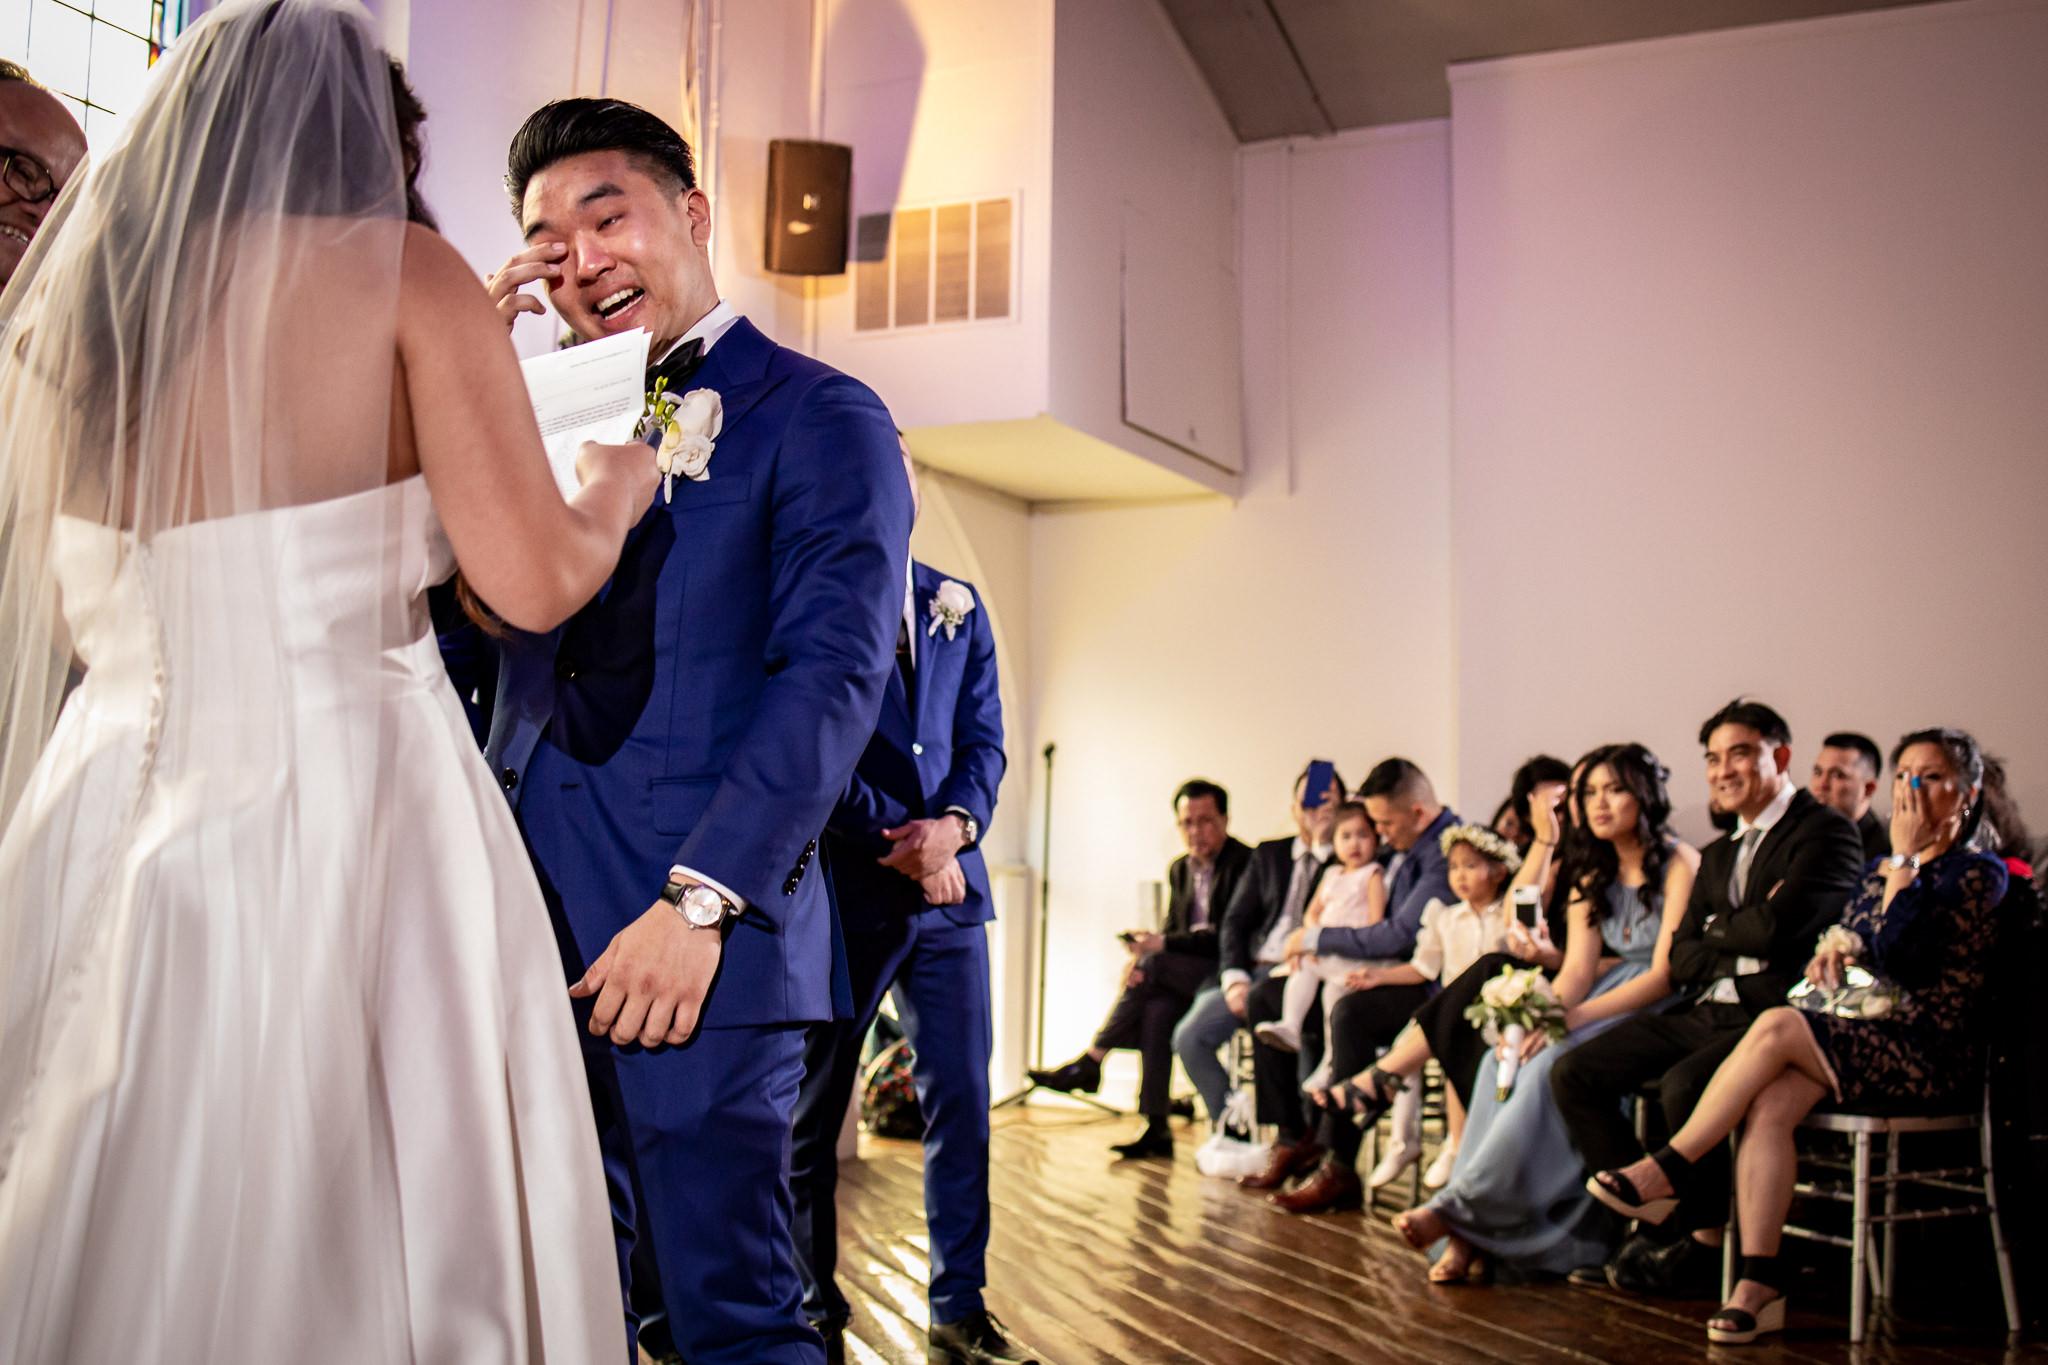 berkeley-wedding-photos-50.jpg